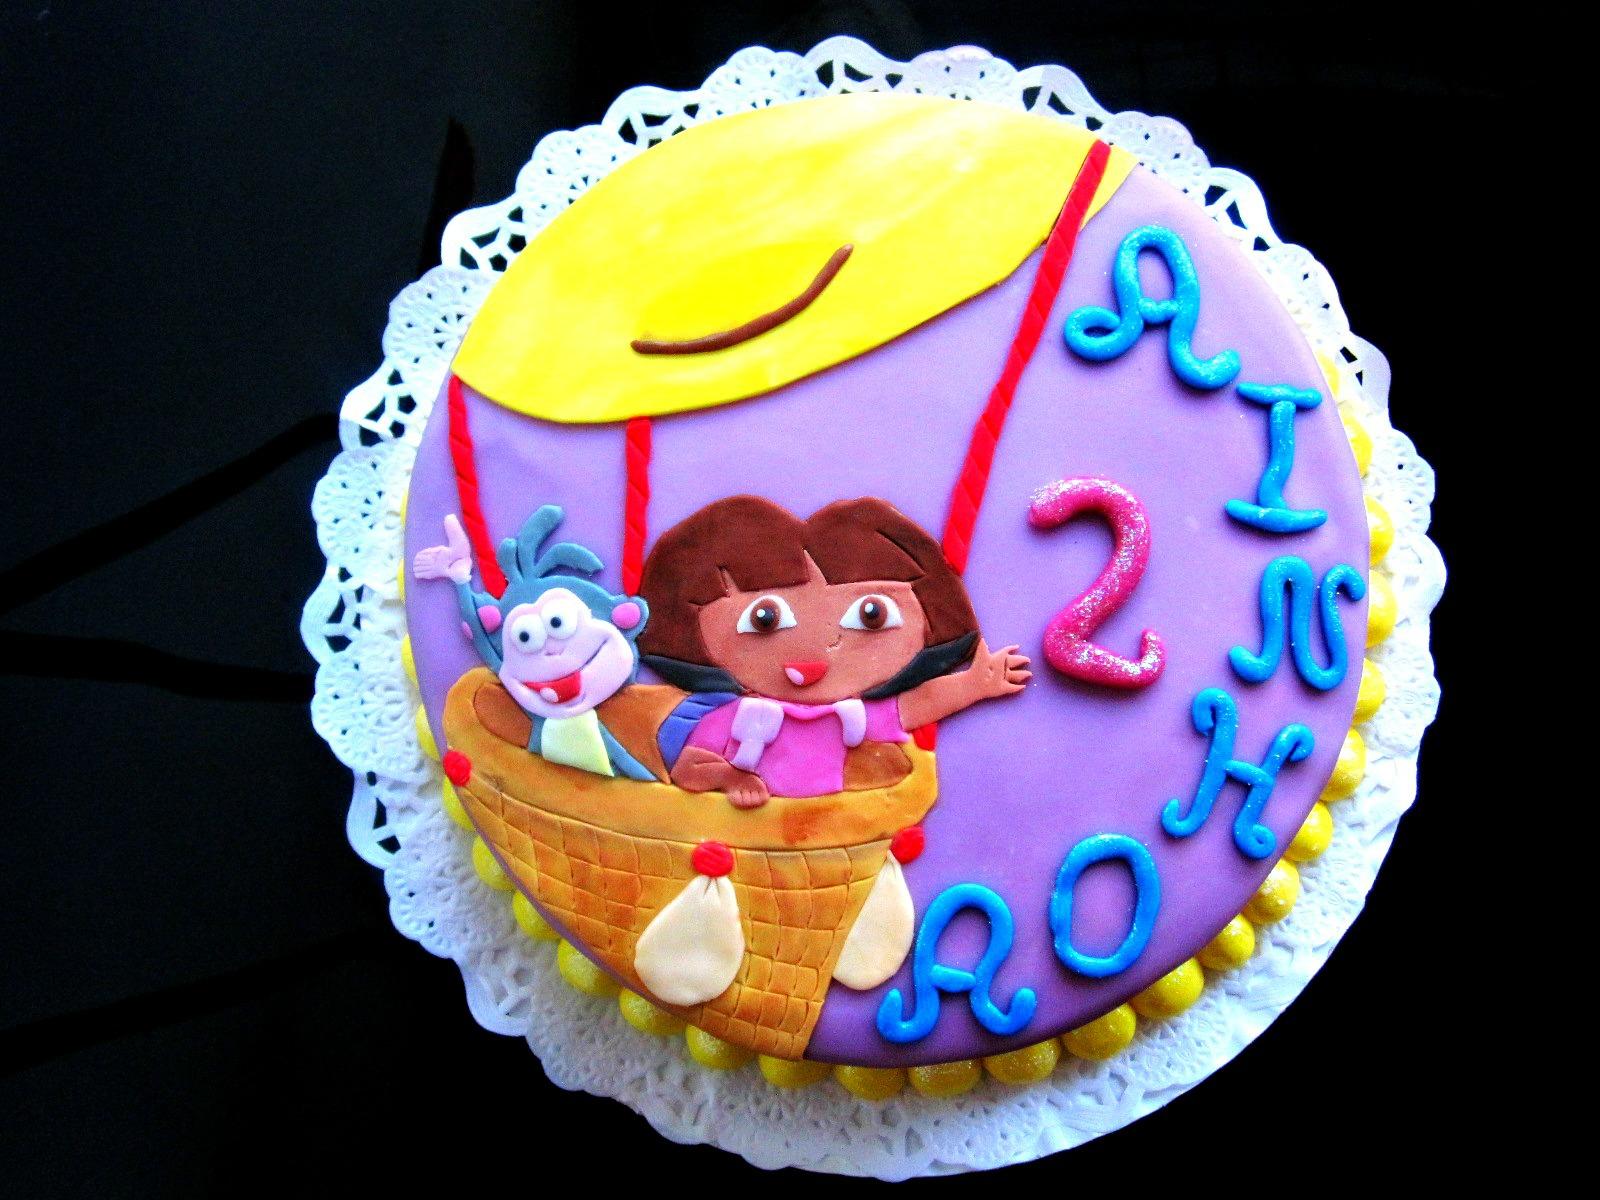 Experimentando en la cocina y algunas cosas mas tarta de dora la exploradora - Dora la exploradora cocina ...